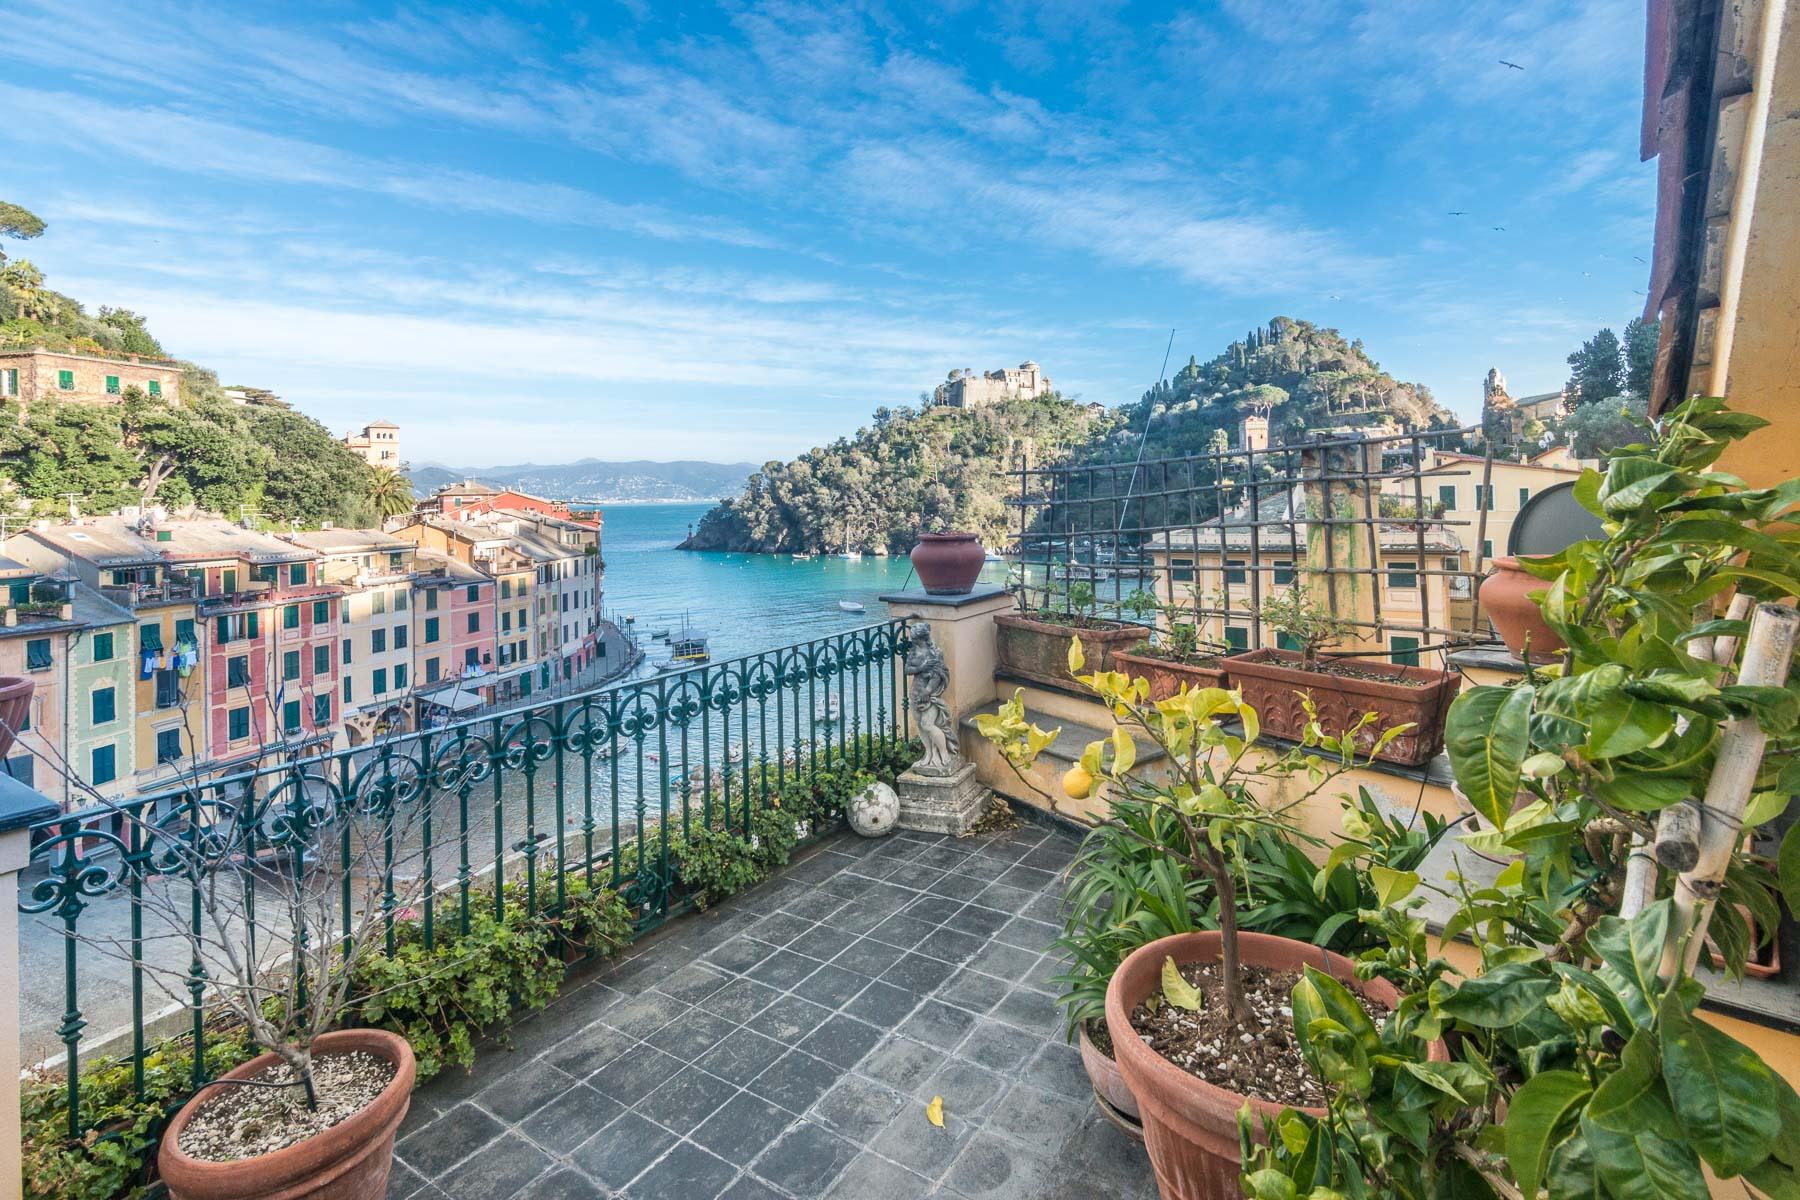 Attico in Vendita a Portofino: 5 locali, 173 mq - Foto 2